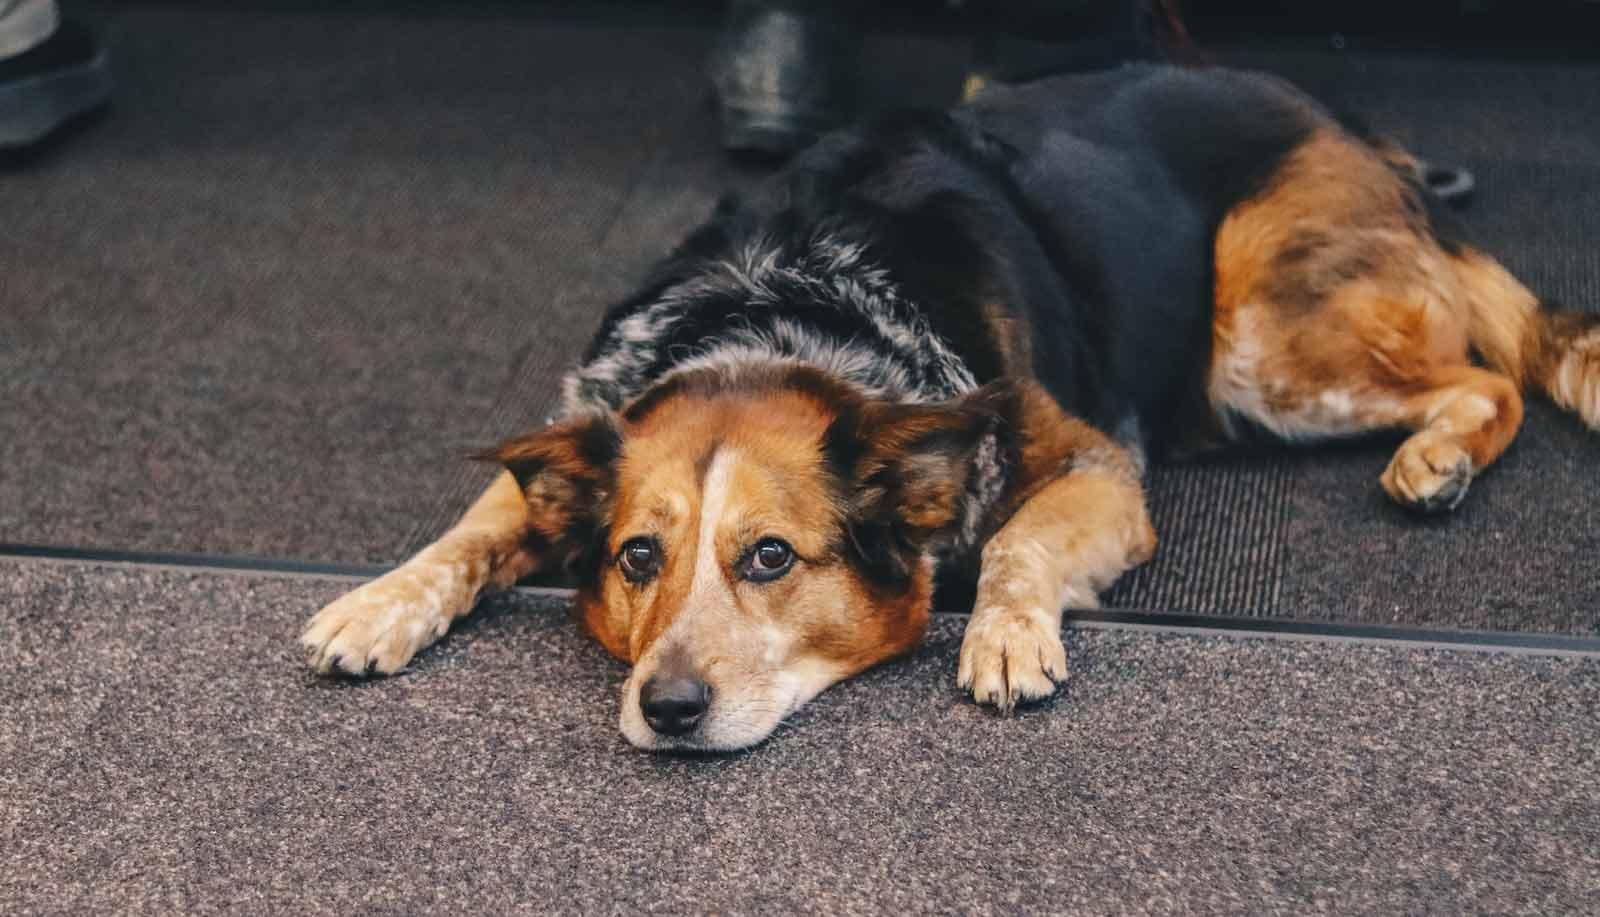 sad dog lying on ground